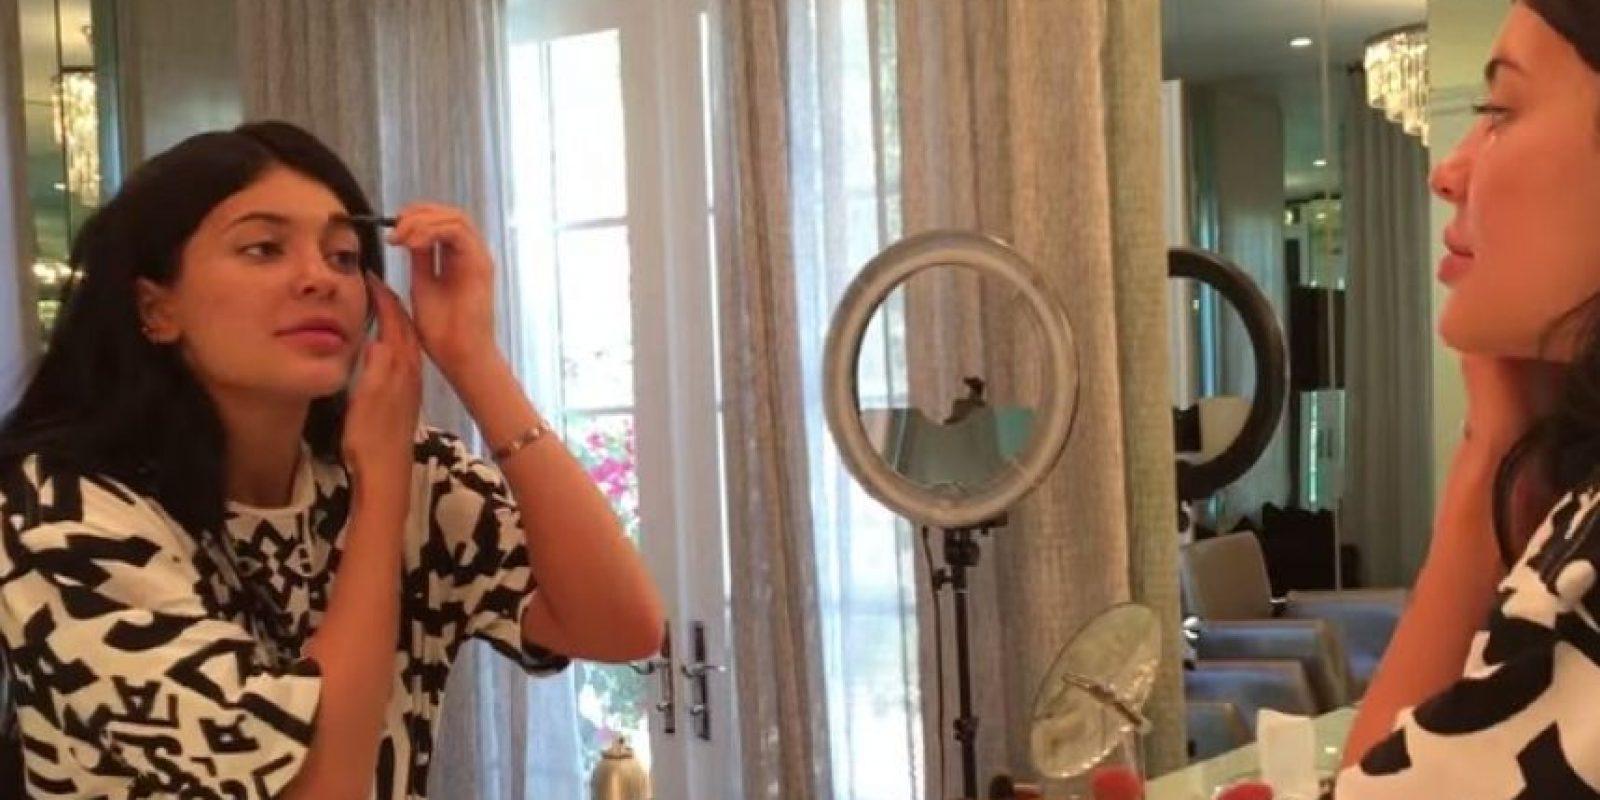 Un bronzer Stila de 32 dólares y polvo traslucido de La Mer de 75 son los siguientes productos que pone en su cara. Foto:www.thekyliejenner.com